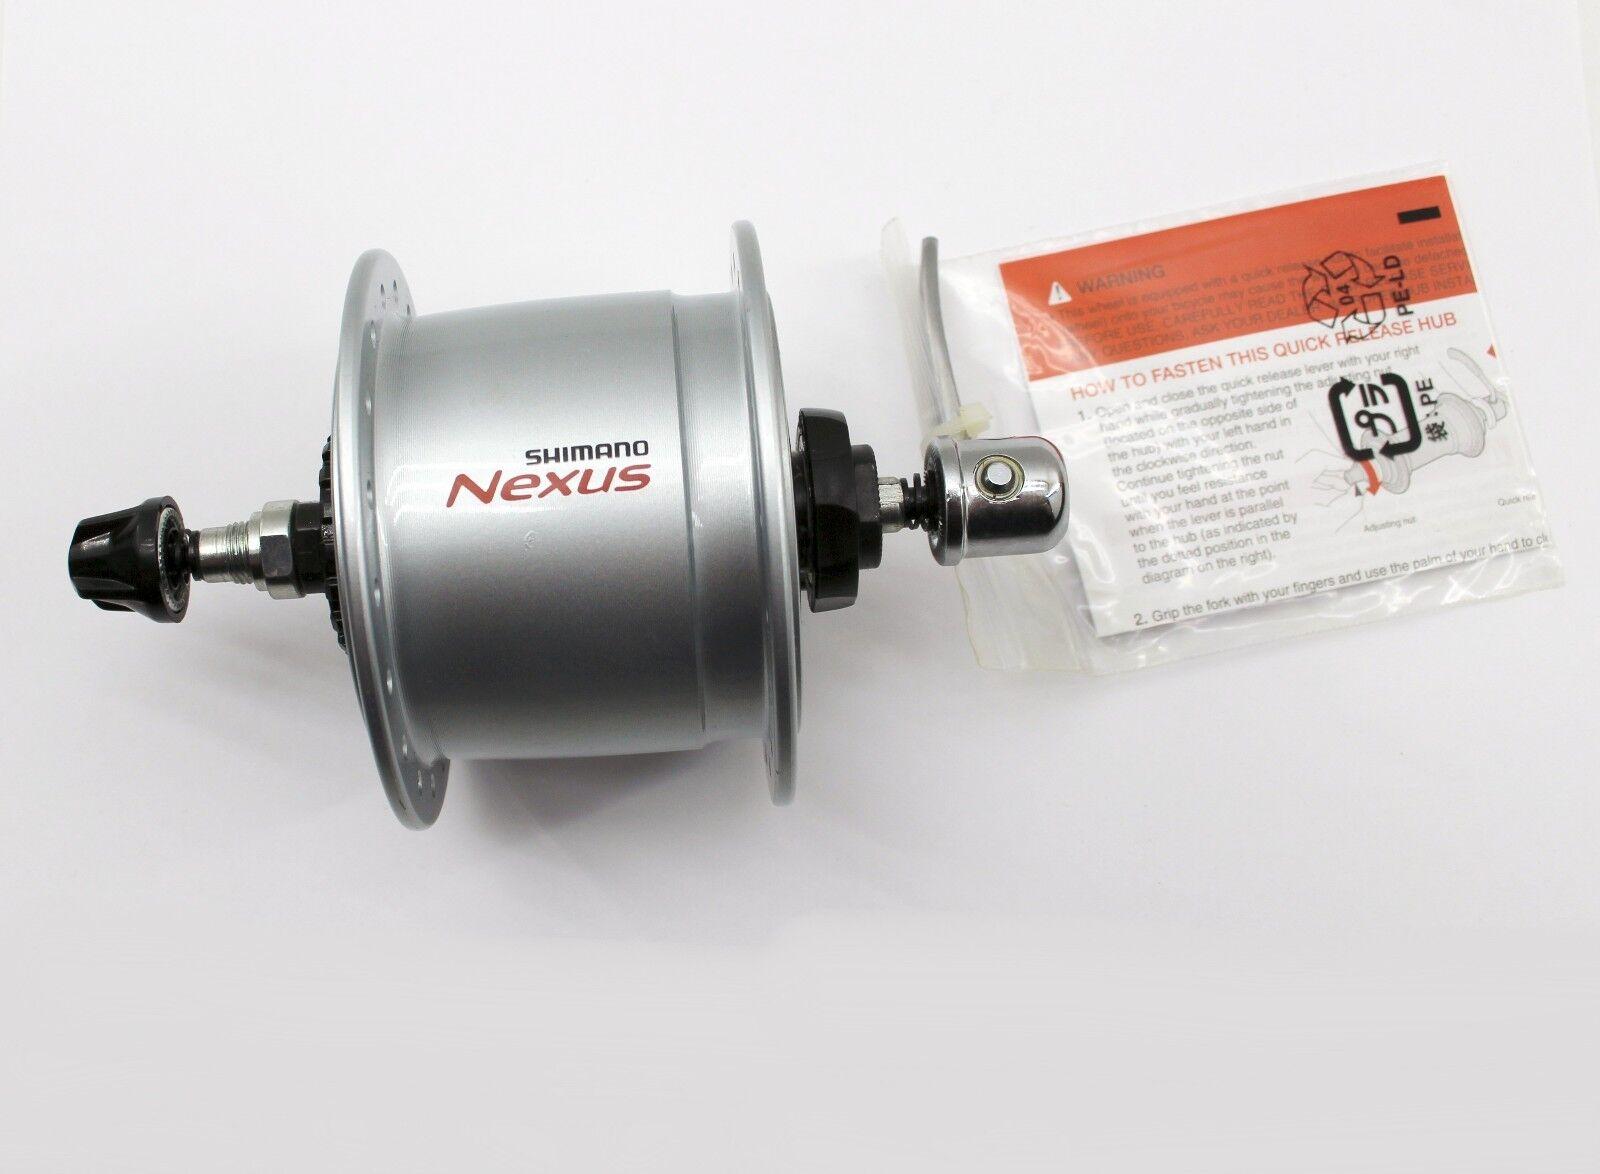 Dynamo Moyeu Shimano Nexus DH-C6000-3R-N, 36loch, 6v-3w, pour Schnellsp. Rollenb